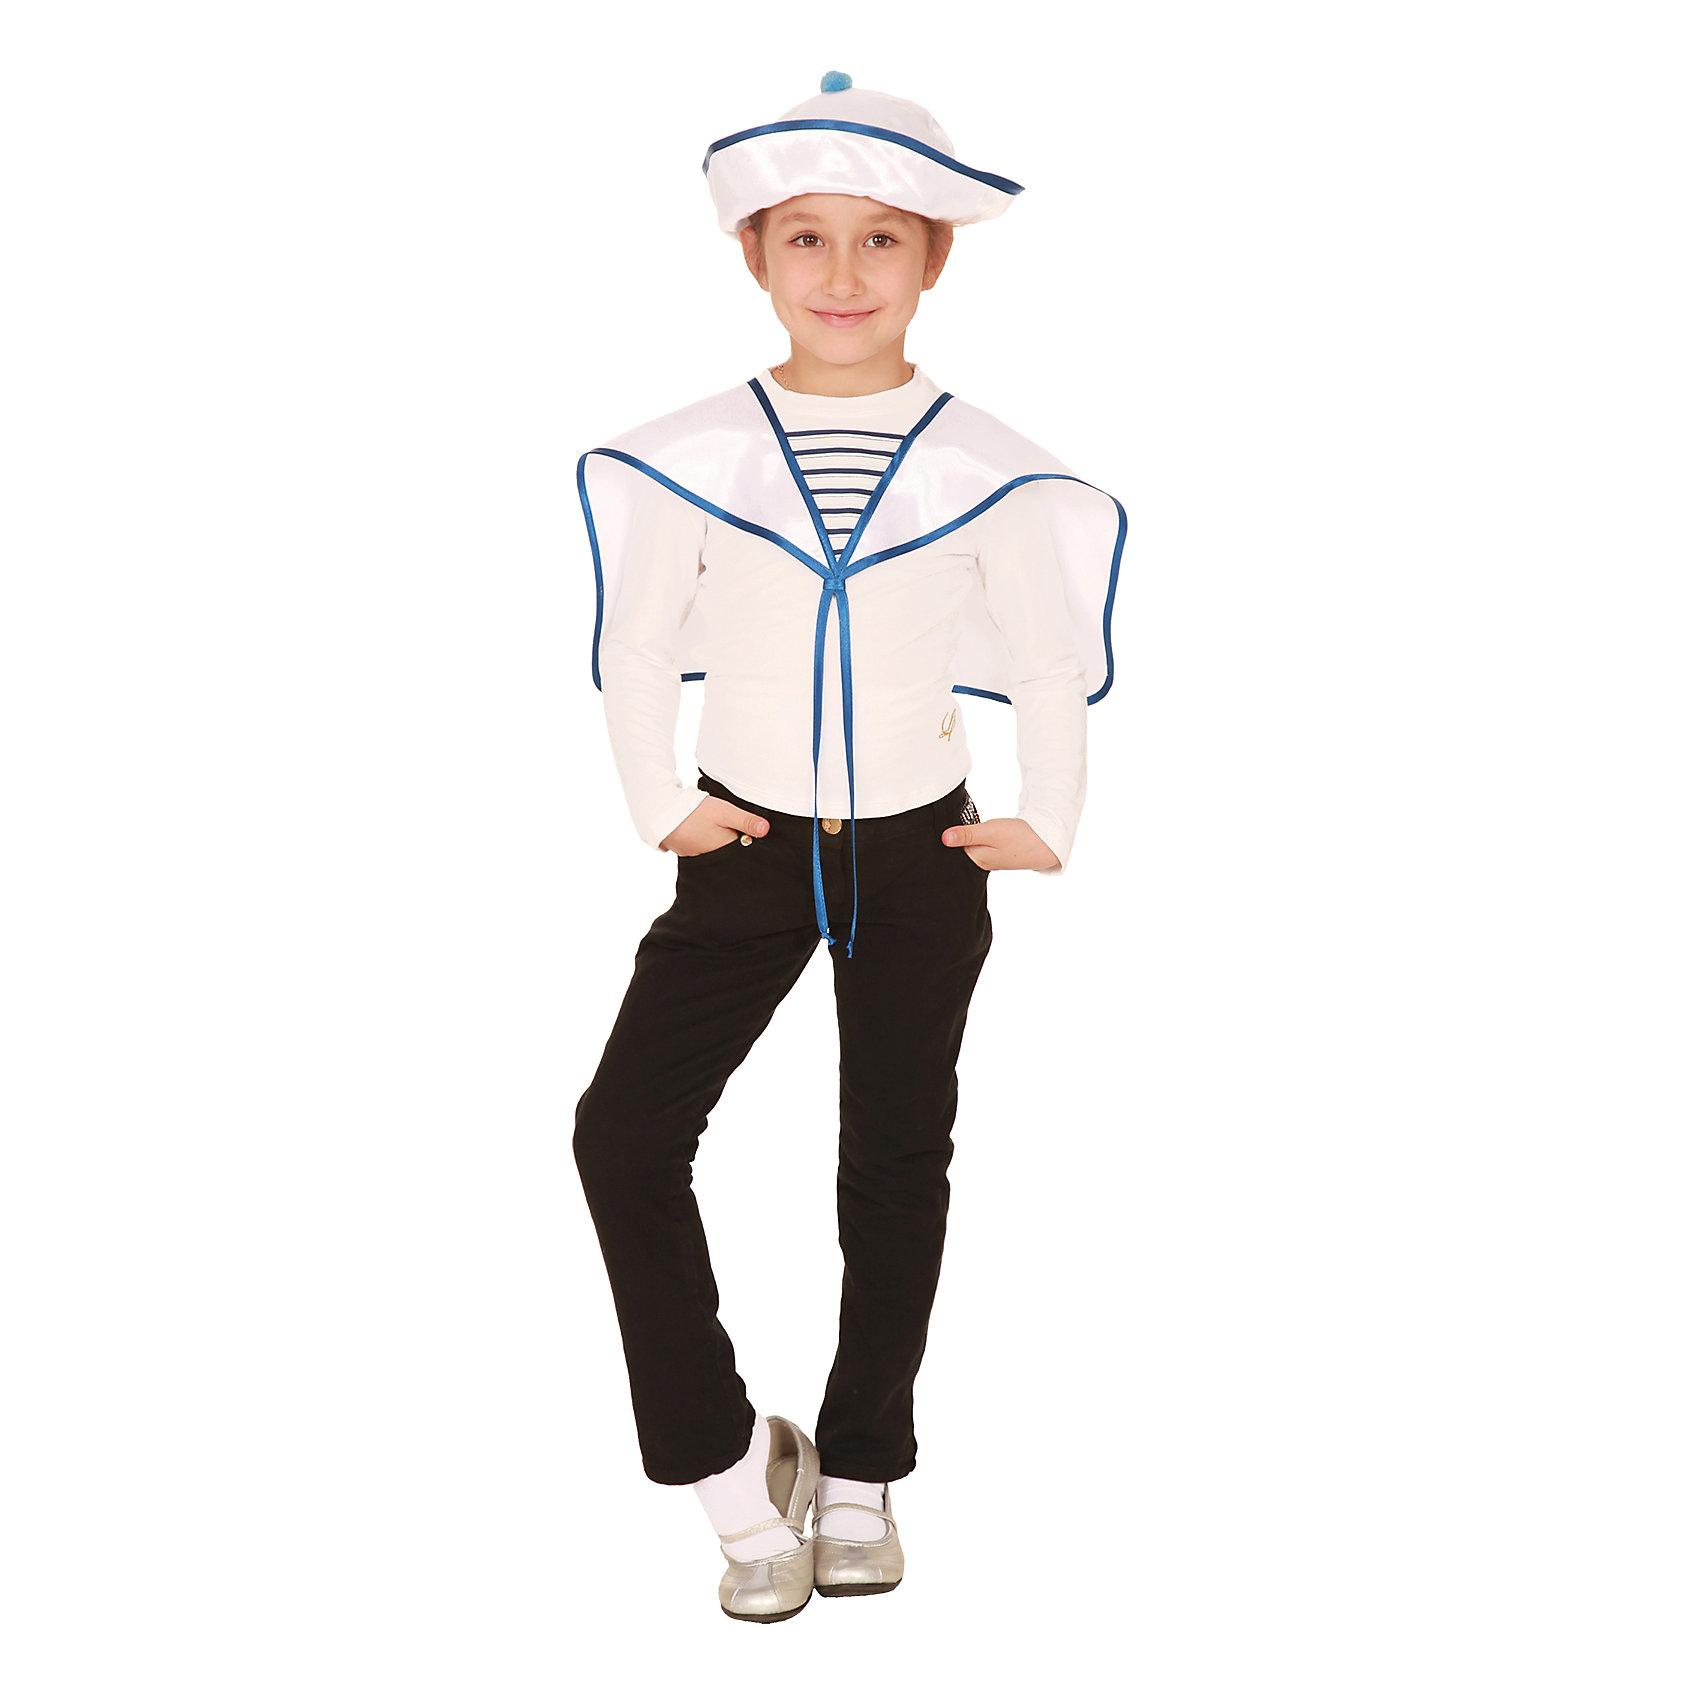 Карнавальный костюм Моряк, ВестификаКарнавальные костюмы и аксессуары<br>Карнавальный костюм Моряк создан по эскизам начала 20 века. Костюм разработан в рамках коллекции «Сам себе костюмер», поэтому состоит всего их 2-х деталей и стоит недорого. Основу костюма составляет гюйс и морская панама универсального размера. По ширине панама регулируется резинкой. Поля панамы могут быть загнуты в разные стороны. Морской воротник украшен завязками.<br><br>Дополнительная информация:<br><br>Крепсатин (100% полиэстер)<br>В комплект входит: Воротник гюйс, панама.<br>Рекомендуется для детей старше 3-х лет для кратковременного ношения. <br>Срок службы 5 лет при аккуратном ношении. <br>Способ ухода за изделием: ручная стирка при температуре 30 С° с применением нейтральных моющих средств. <br>Не отжимать. <br>Не сушить в машине. <br>Гладить при низкой температуре.<br><br>Карнавальный костюм Моряк, Вестифика можно купить в нашем магазине.<br><br>Ширина мм: 236<br>Глубина мм: 16<br>Высота мм: 184<br>Вес г: 360<br>Цвет: белый<br>Возраст от месяцев: 60<br>Возраст до месяцев: 84<br>Пол: Унисекс<br>Возраст: Детский<br>Размер: 116/122<br>SKU: 4528612